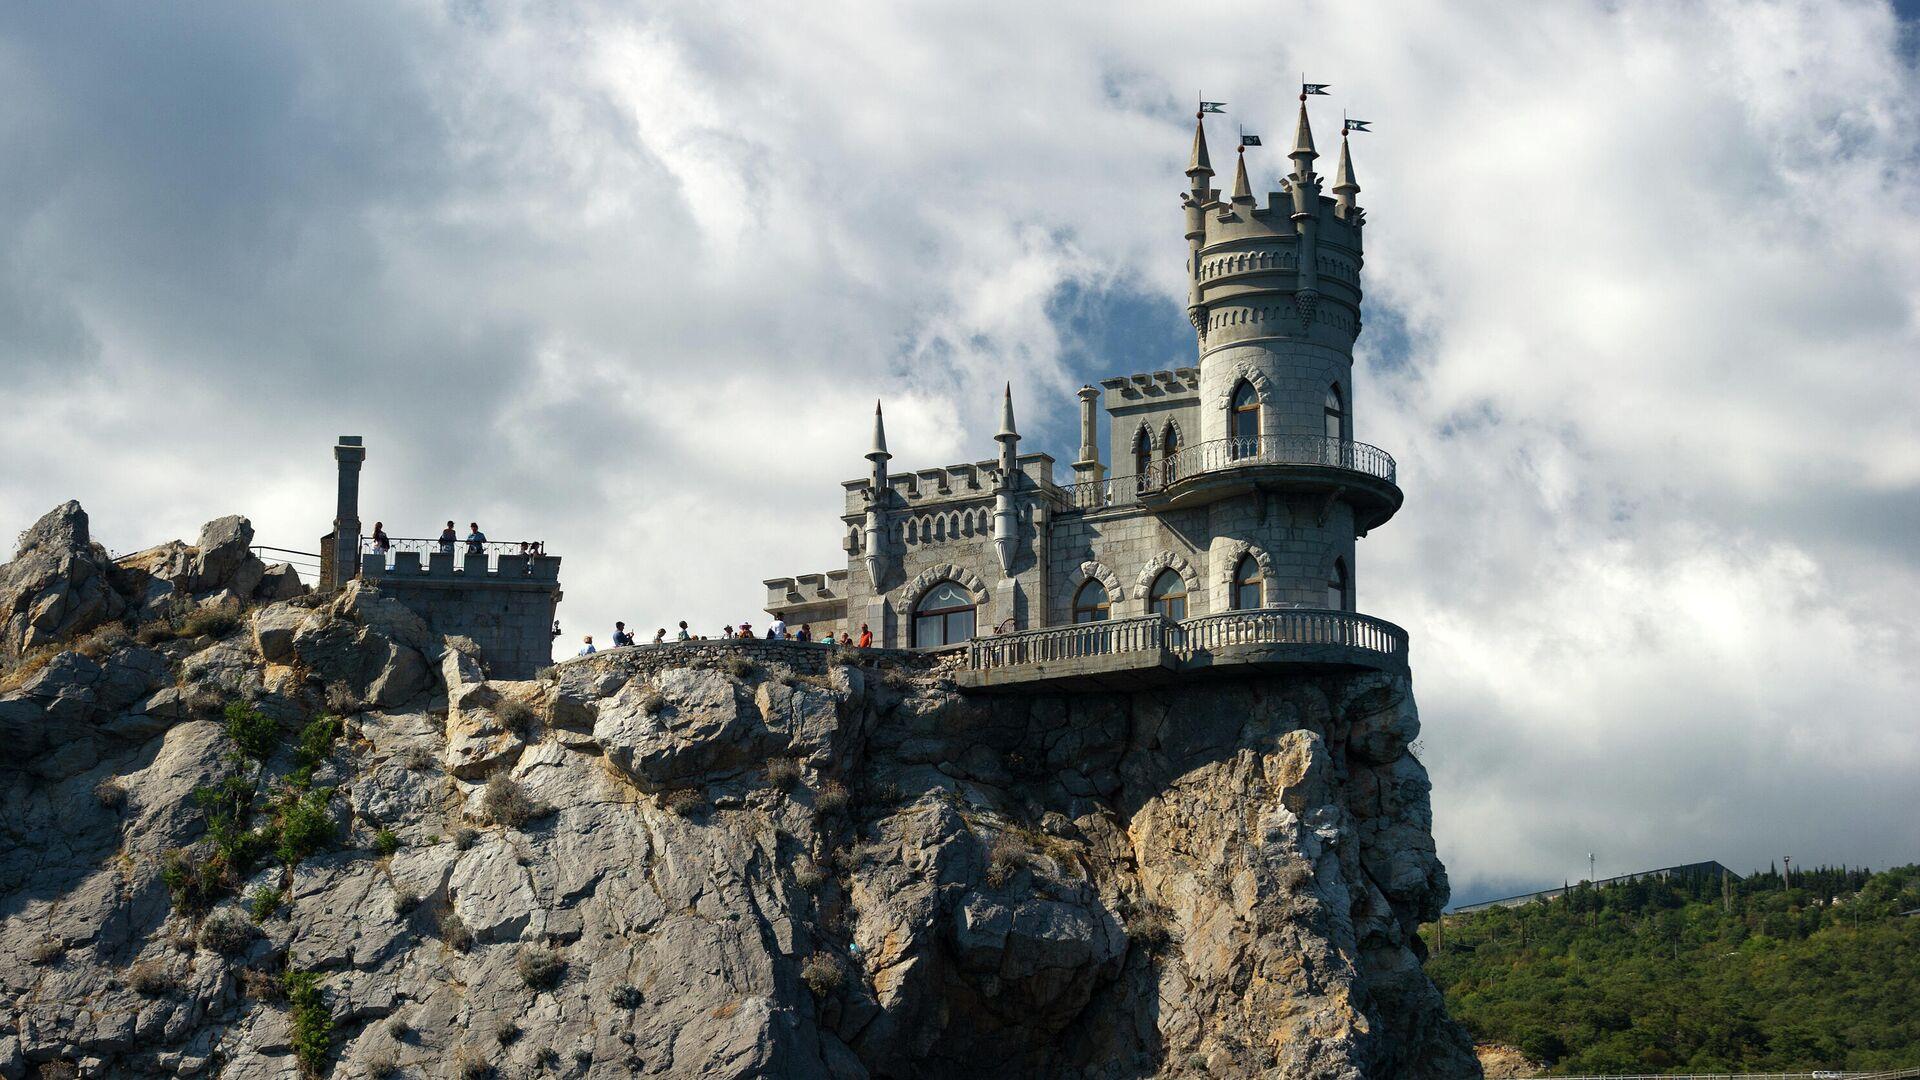 Замок Ласточкино гнездо на береговой скале в поселке Гаспра в Крыму - РИА Новости, 1920, 17.10.2020